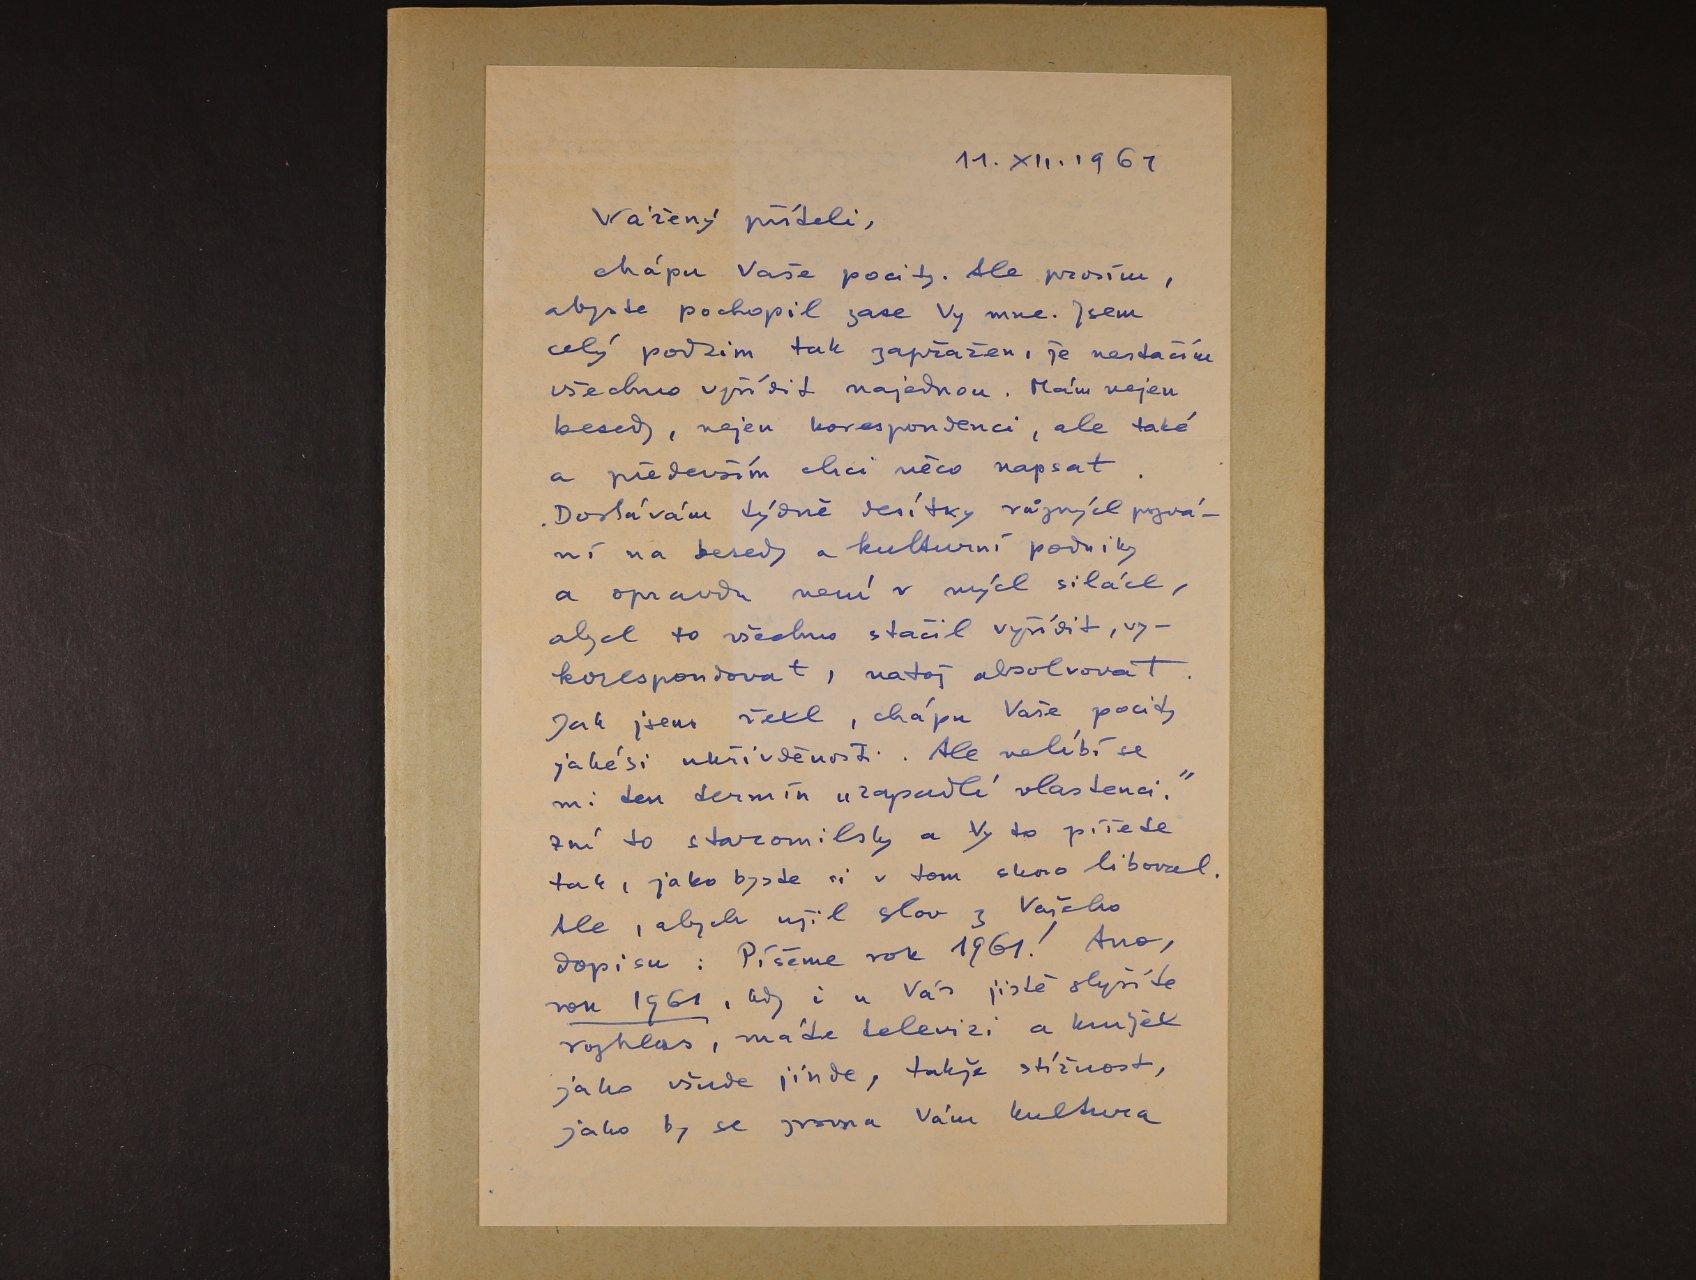 Hrubín František 1910 - 1971, význačný čs. básník a spisovatel - vlastnoručně psaný dvoustránkový dopis z 11.12.1961 s podpisem